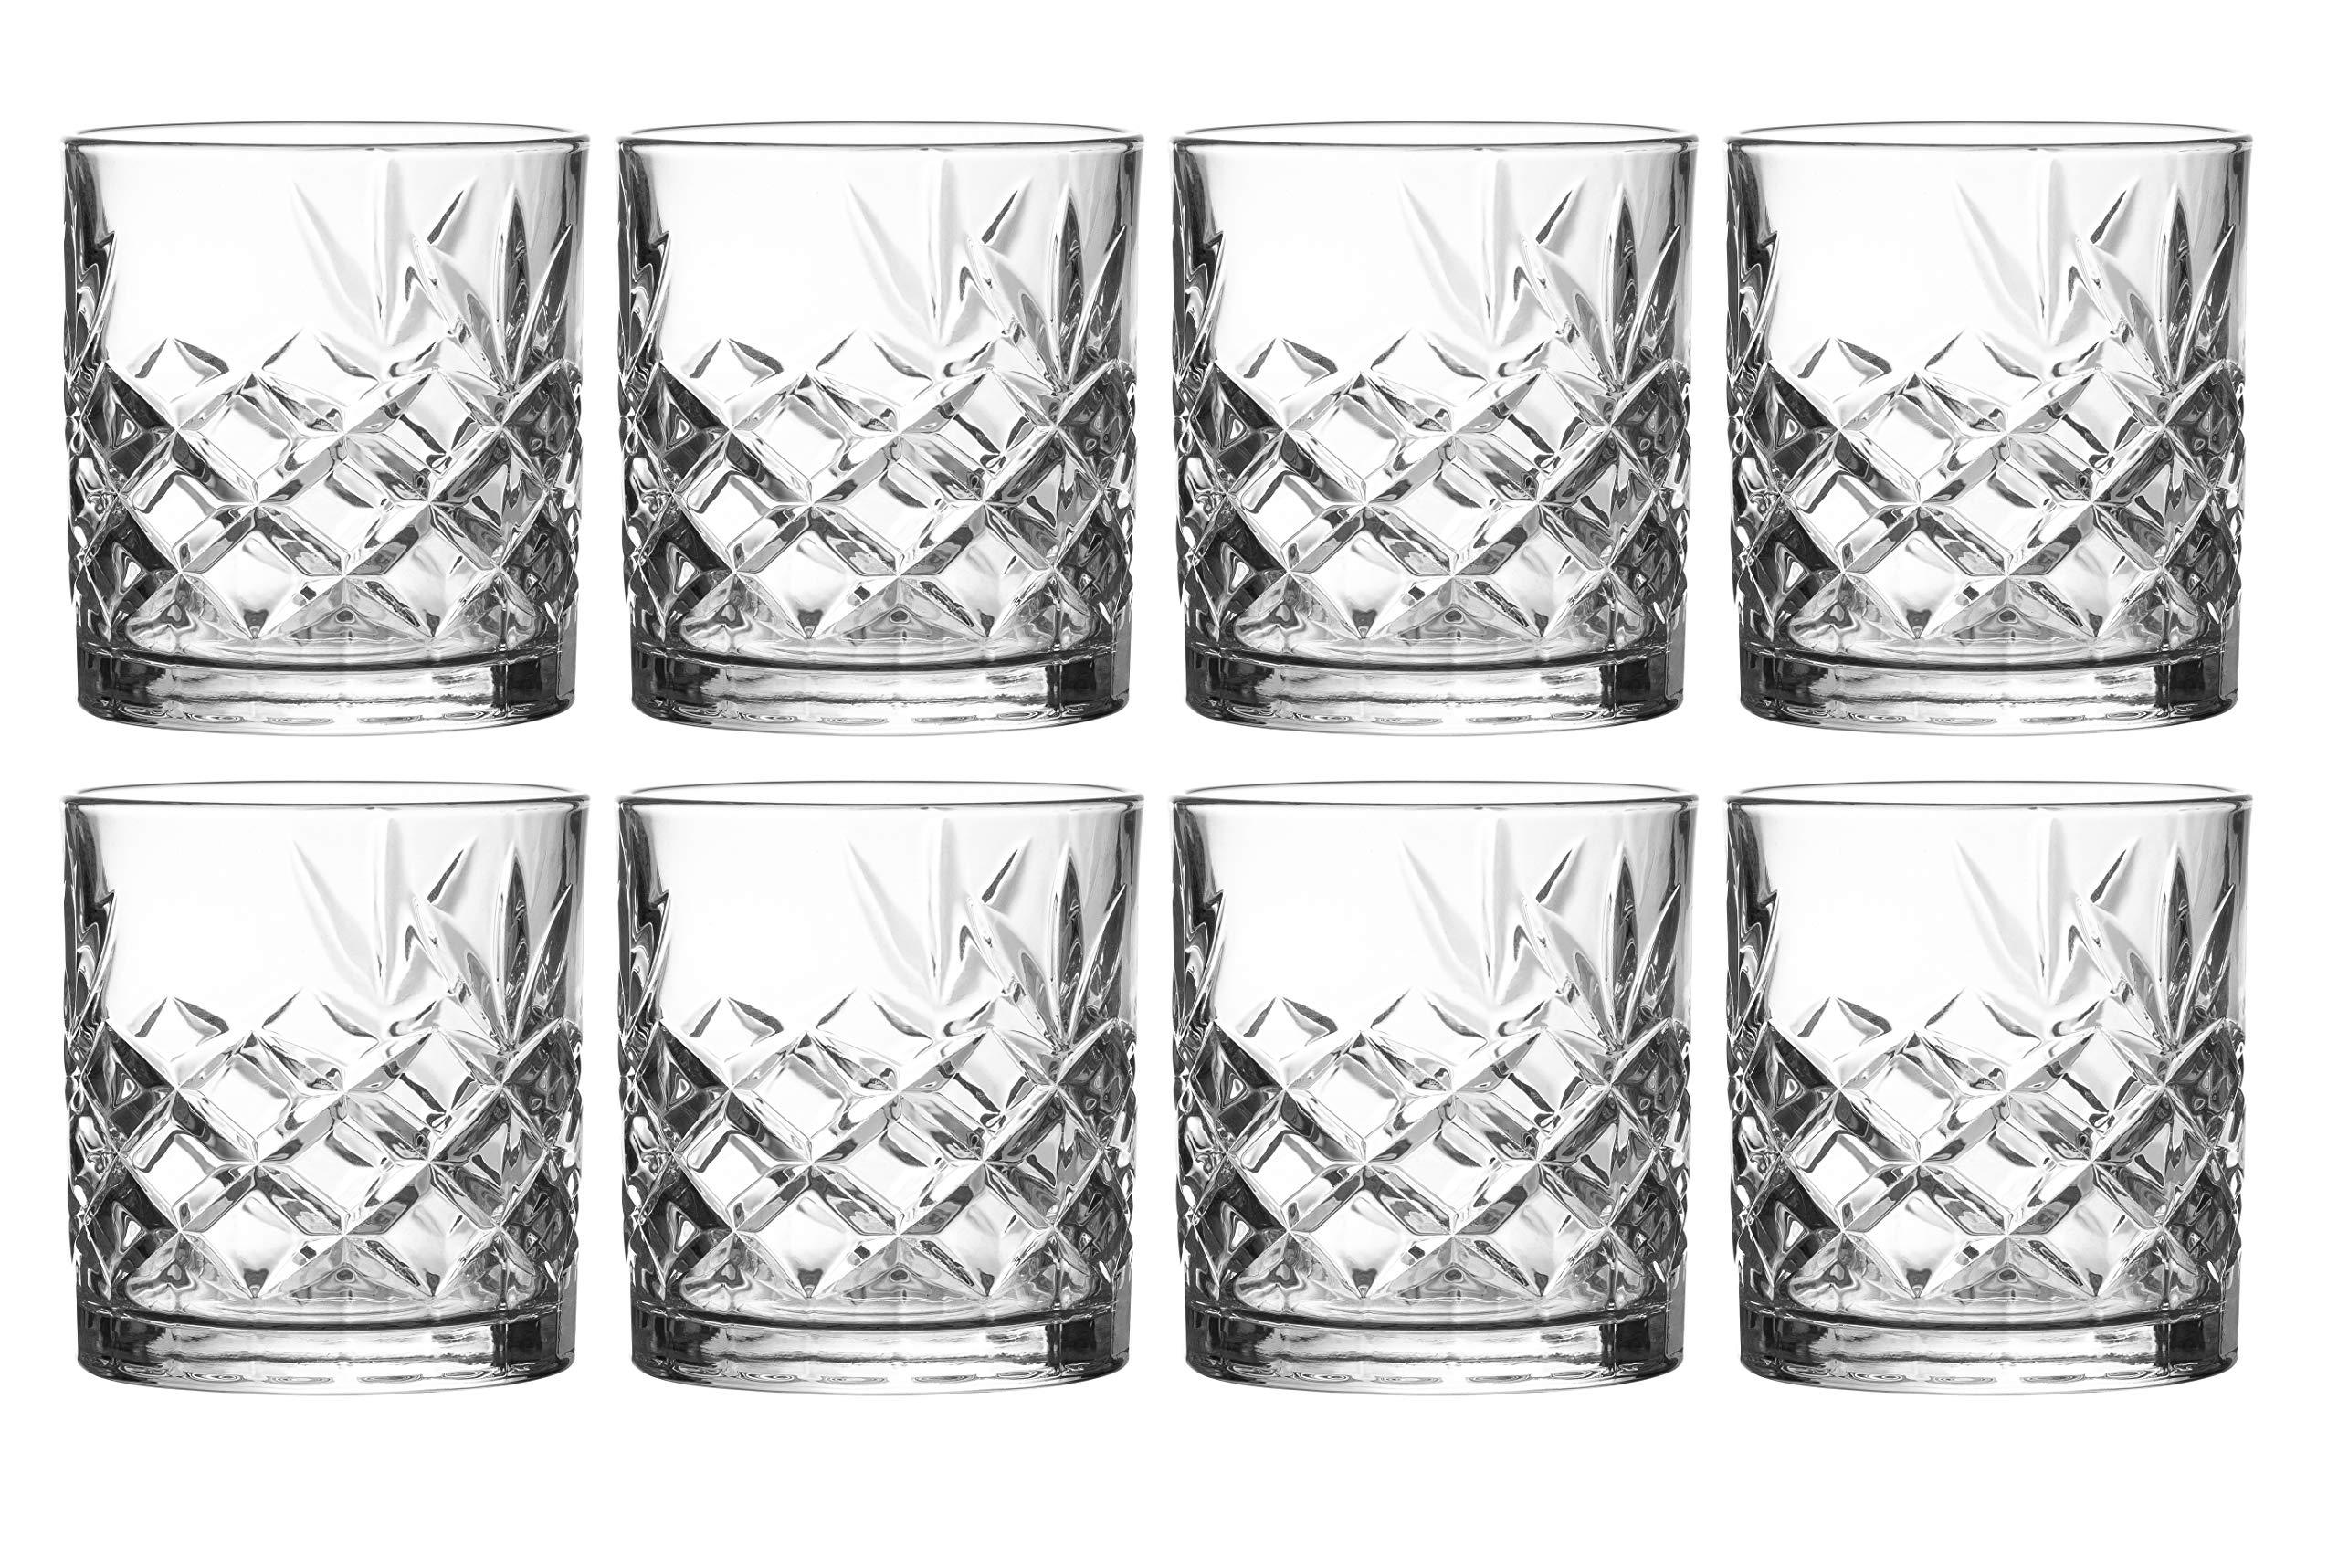 Clovelly Lowball Whiskey Glasses, 8 Pc. Set, 10.6 ounce Short Drinking Glassware for Liquor, Bourbon, Rye, or Beer…